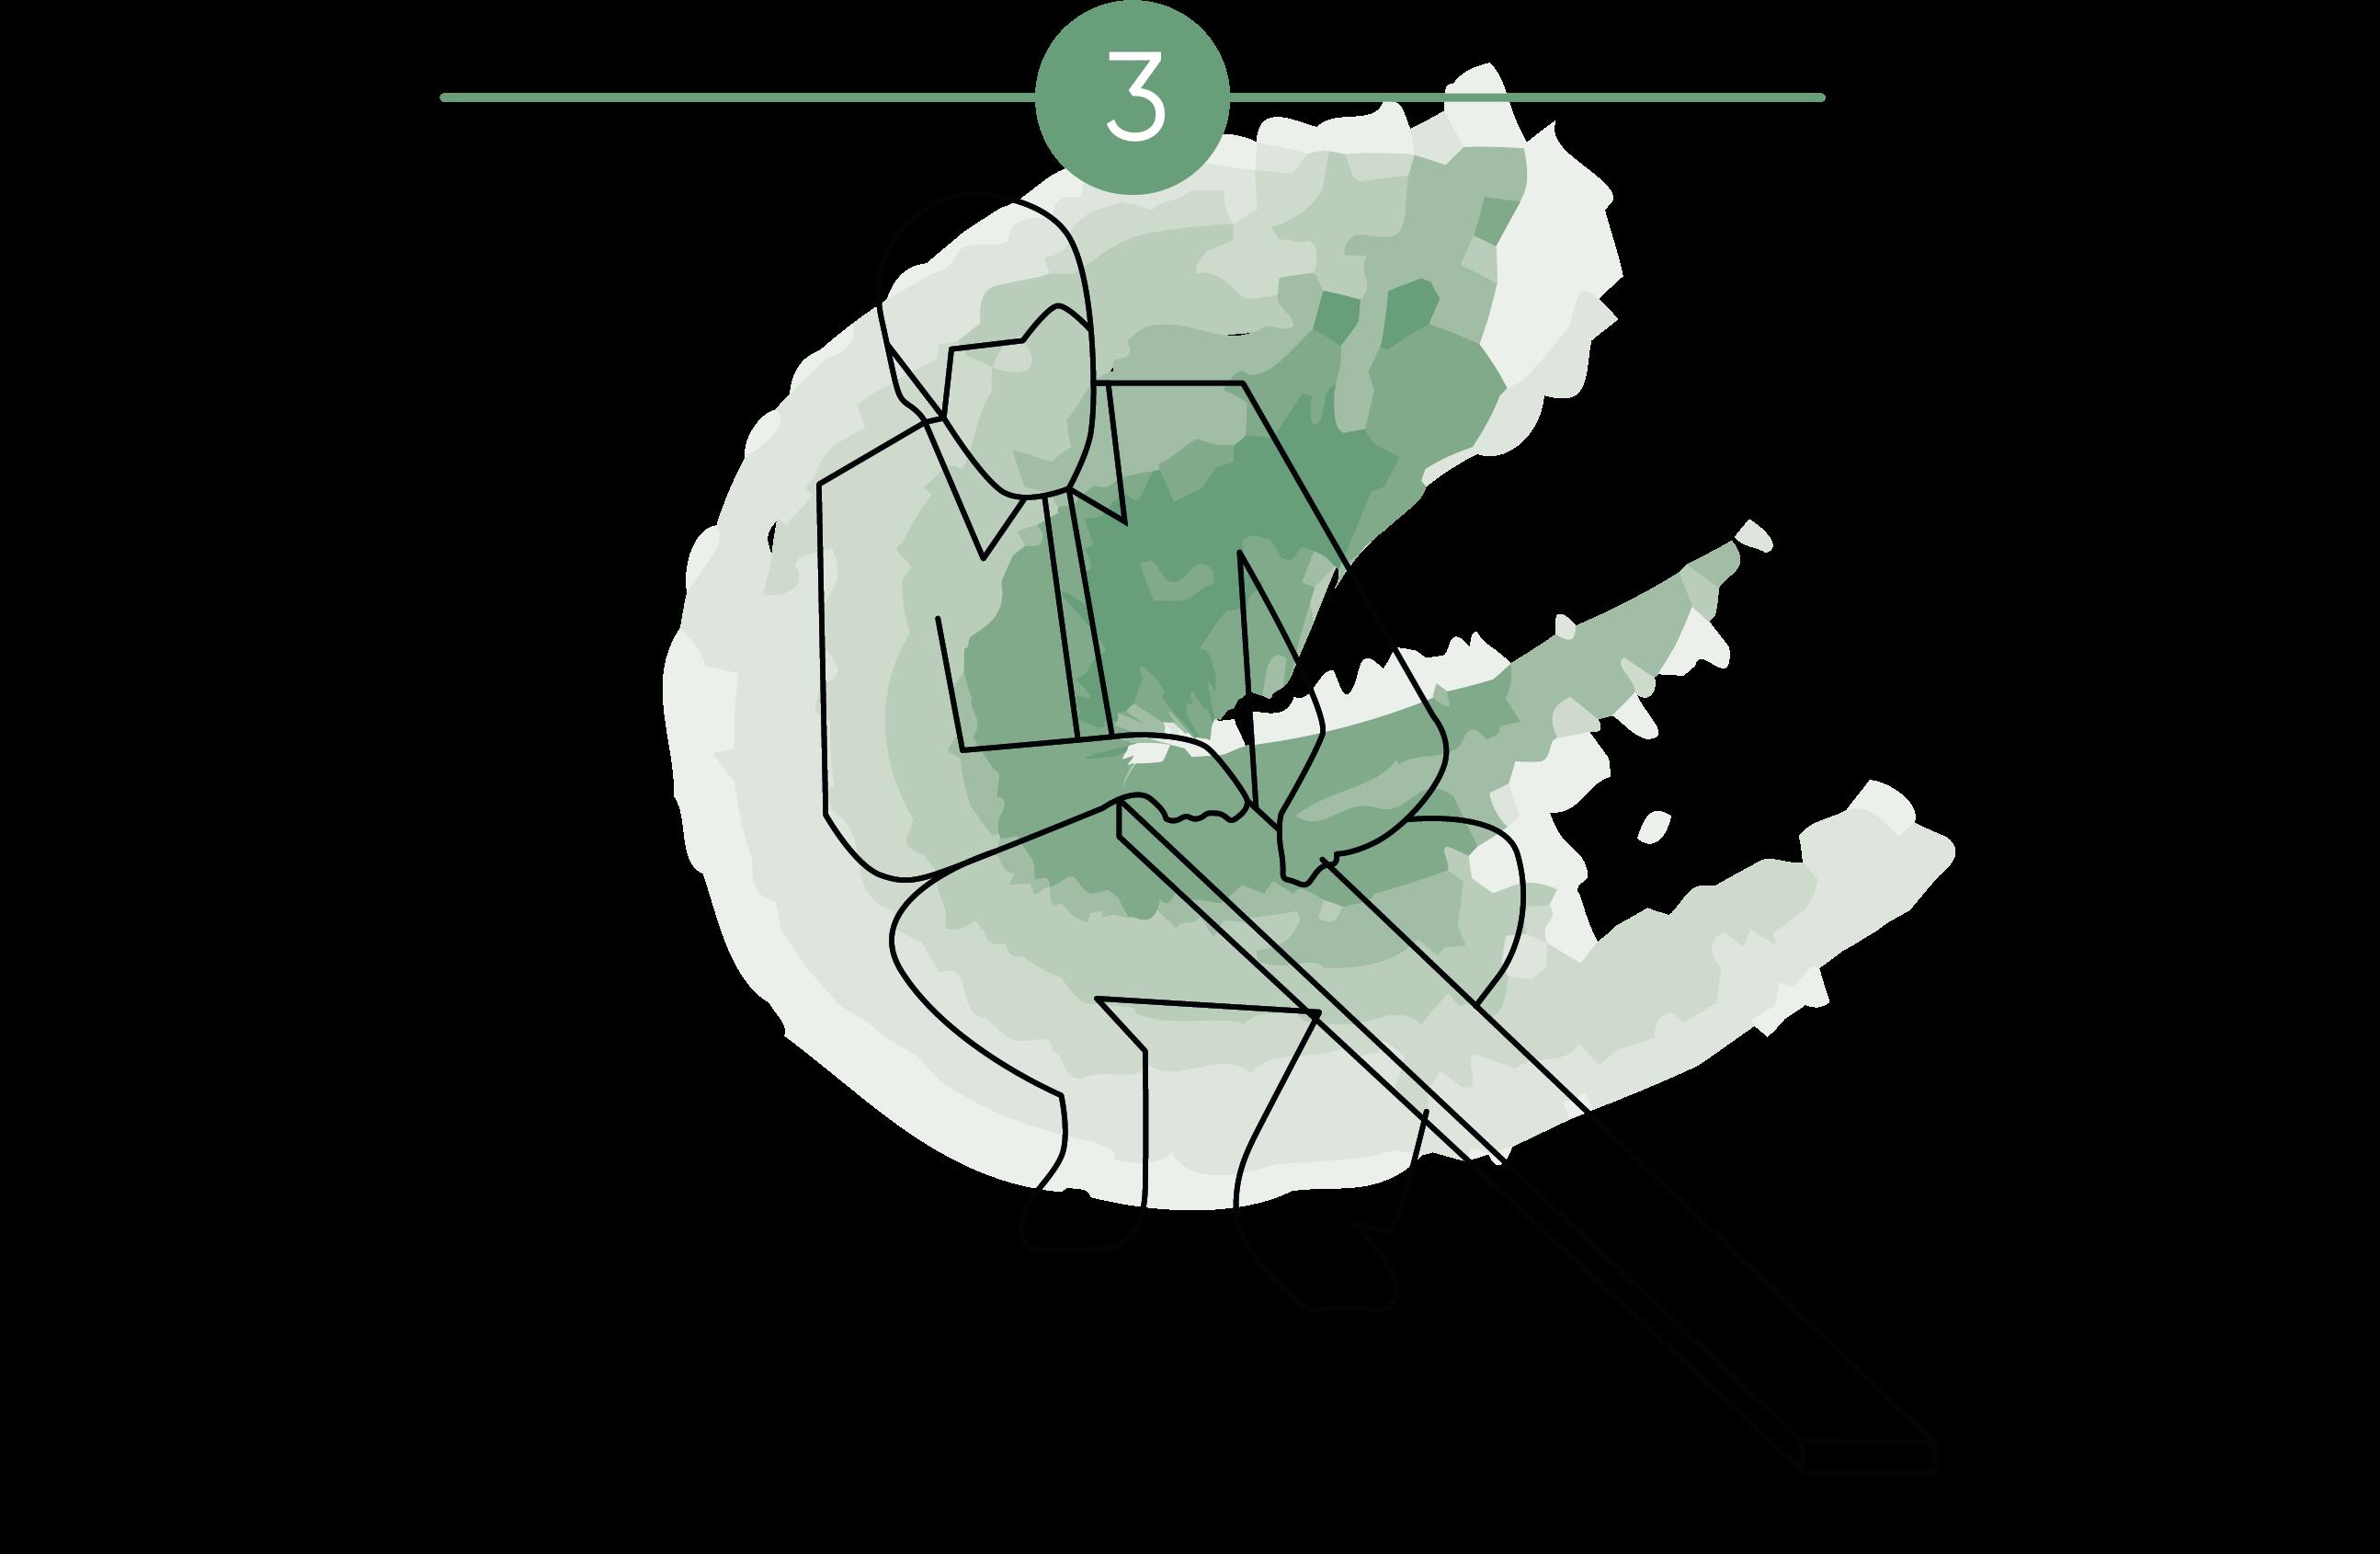 Ilustración que muestra que al poner parquet el instalador inspecciona las lamas de parquet antes de su colocación